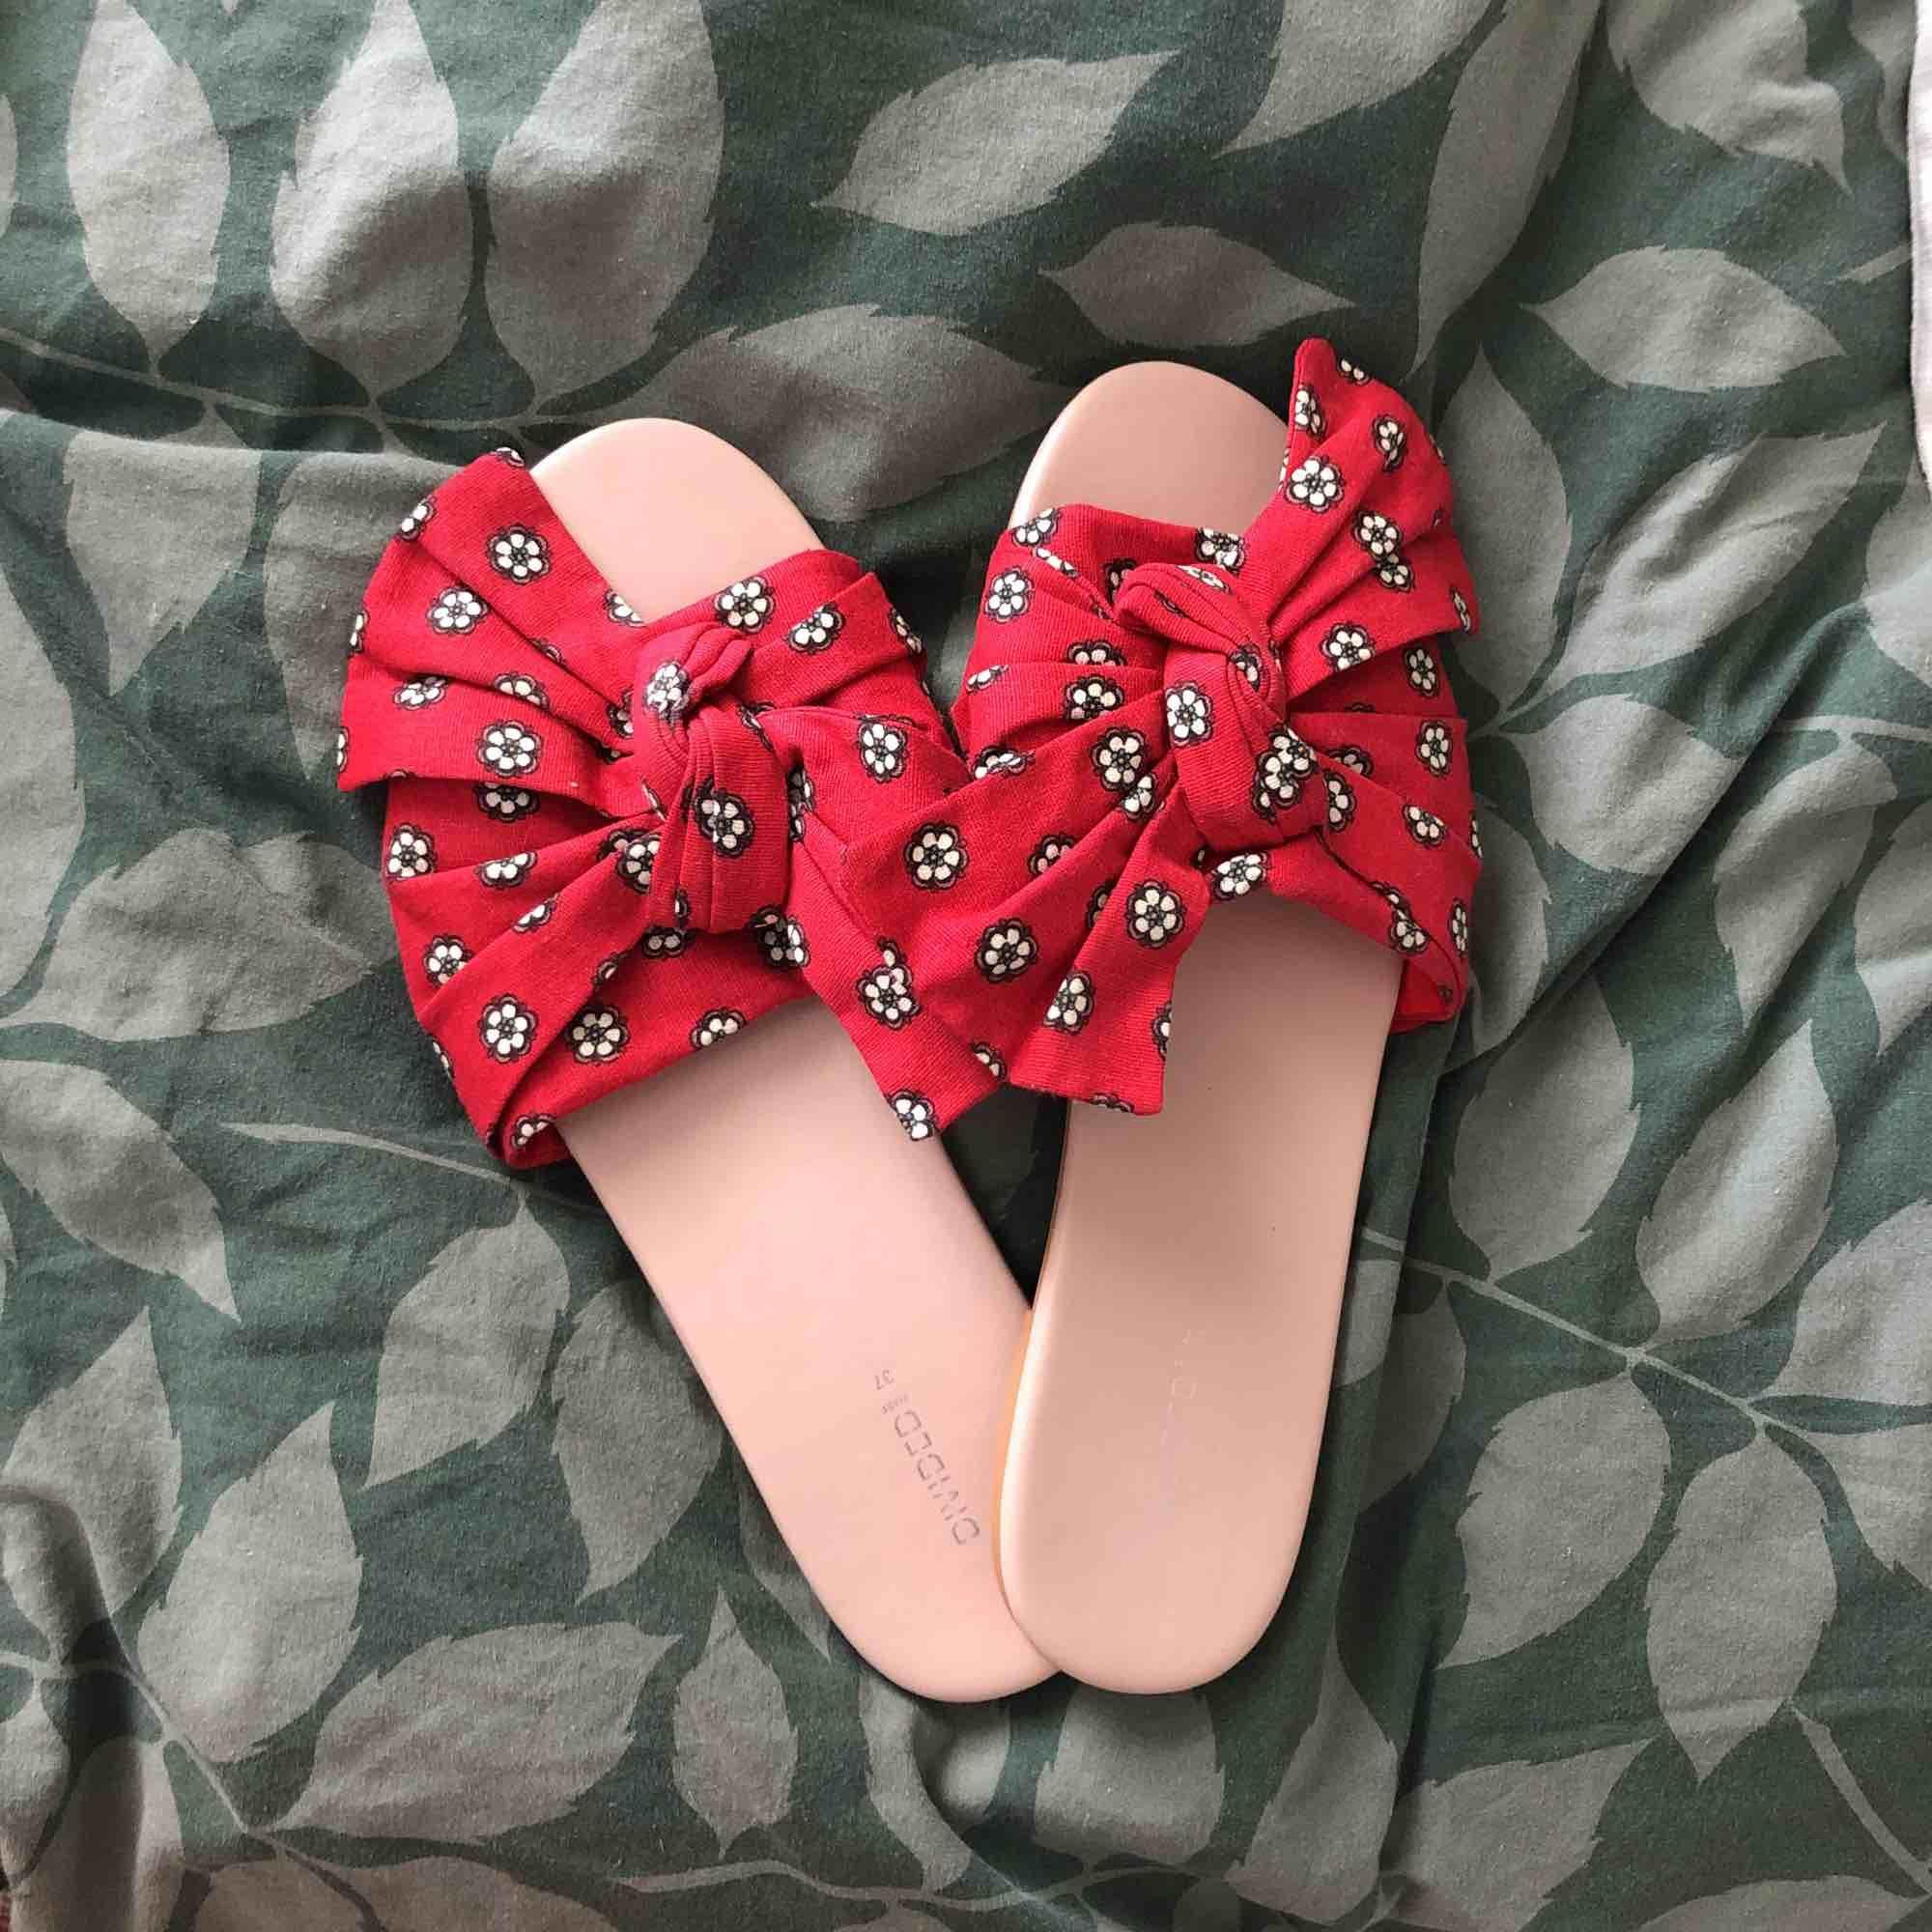 Helt nya! Passade tyvärr inte min fot super fina! Aldrig använt! 🌻. Skor.